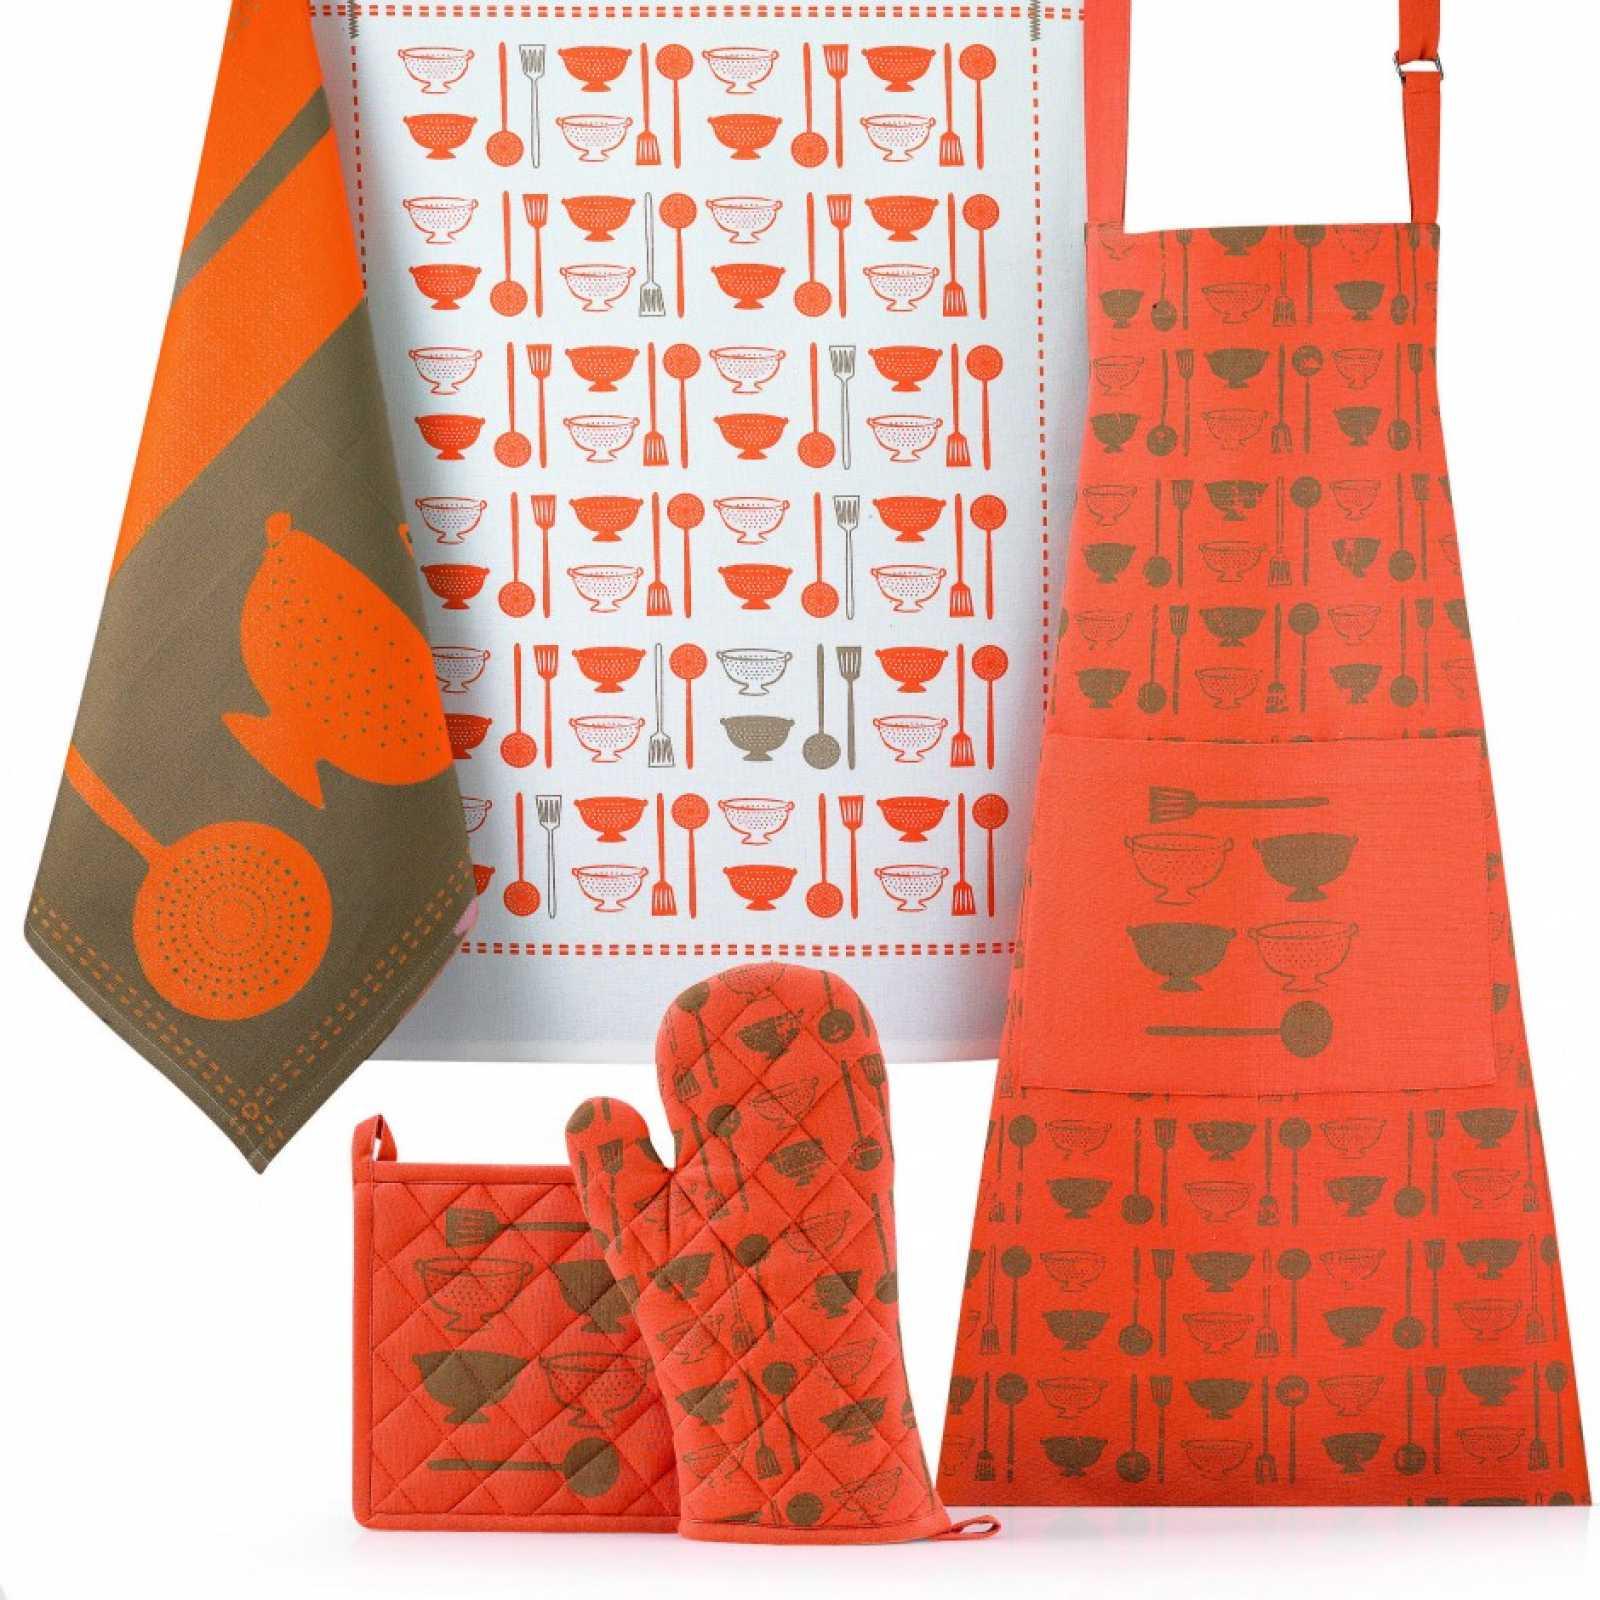 Полотенце кухонное Winkler FANTASY ORANGE, 50х70 см, оранжевый Winkler 6438090000 фото 0